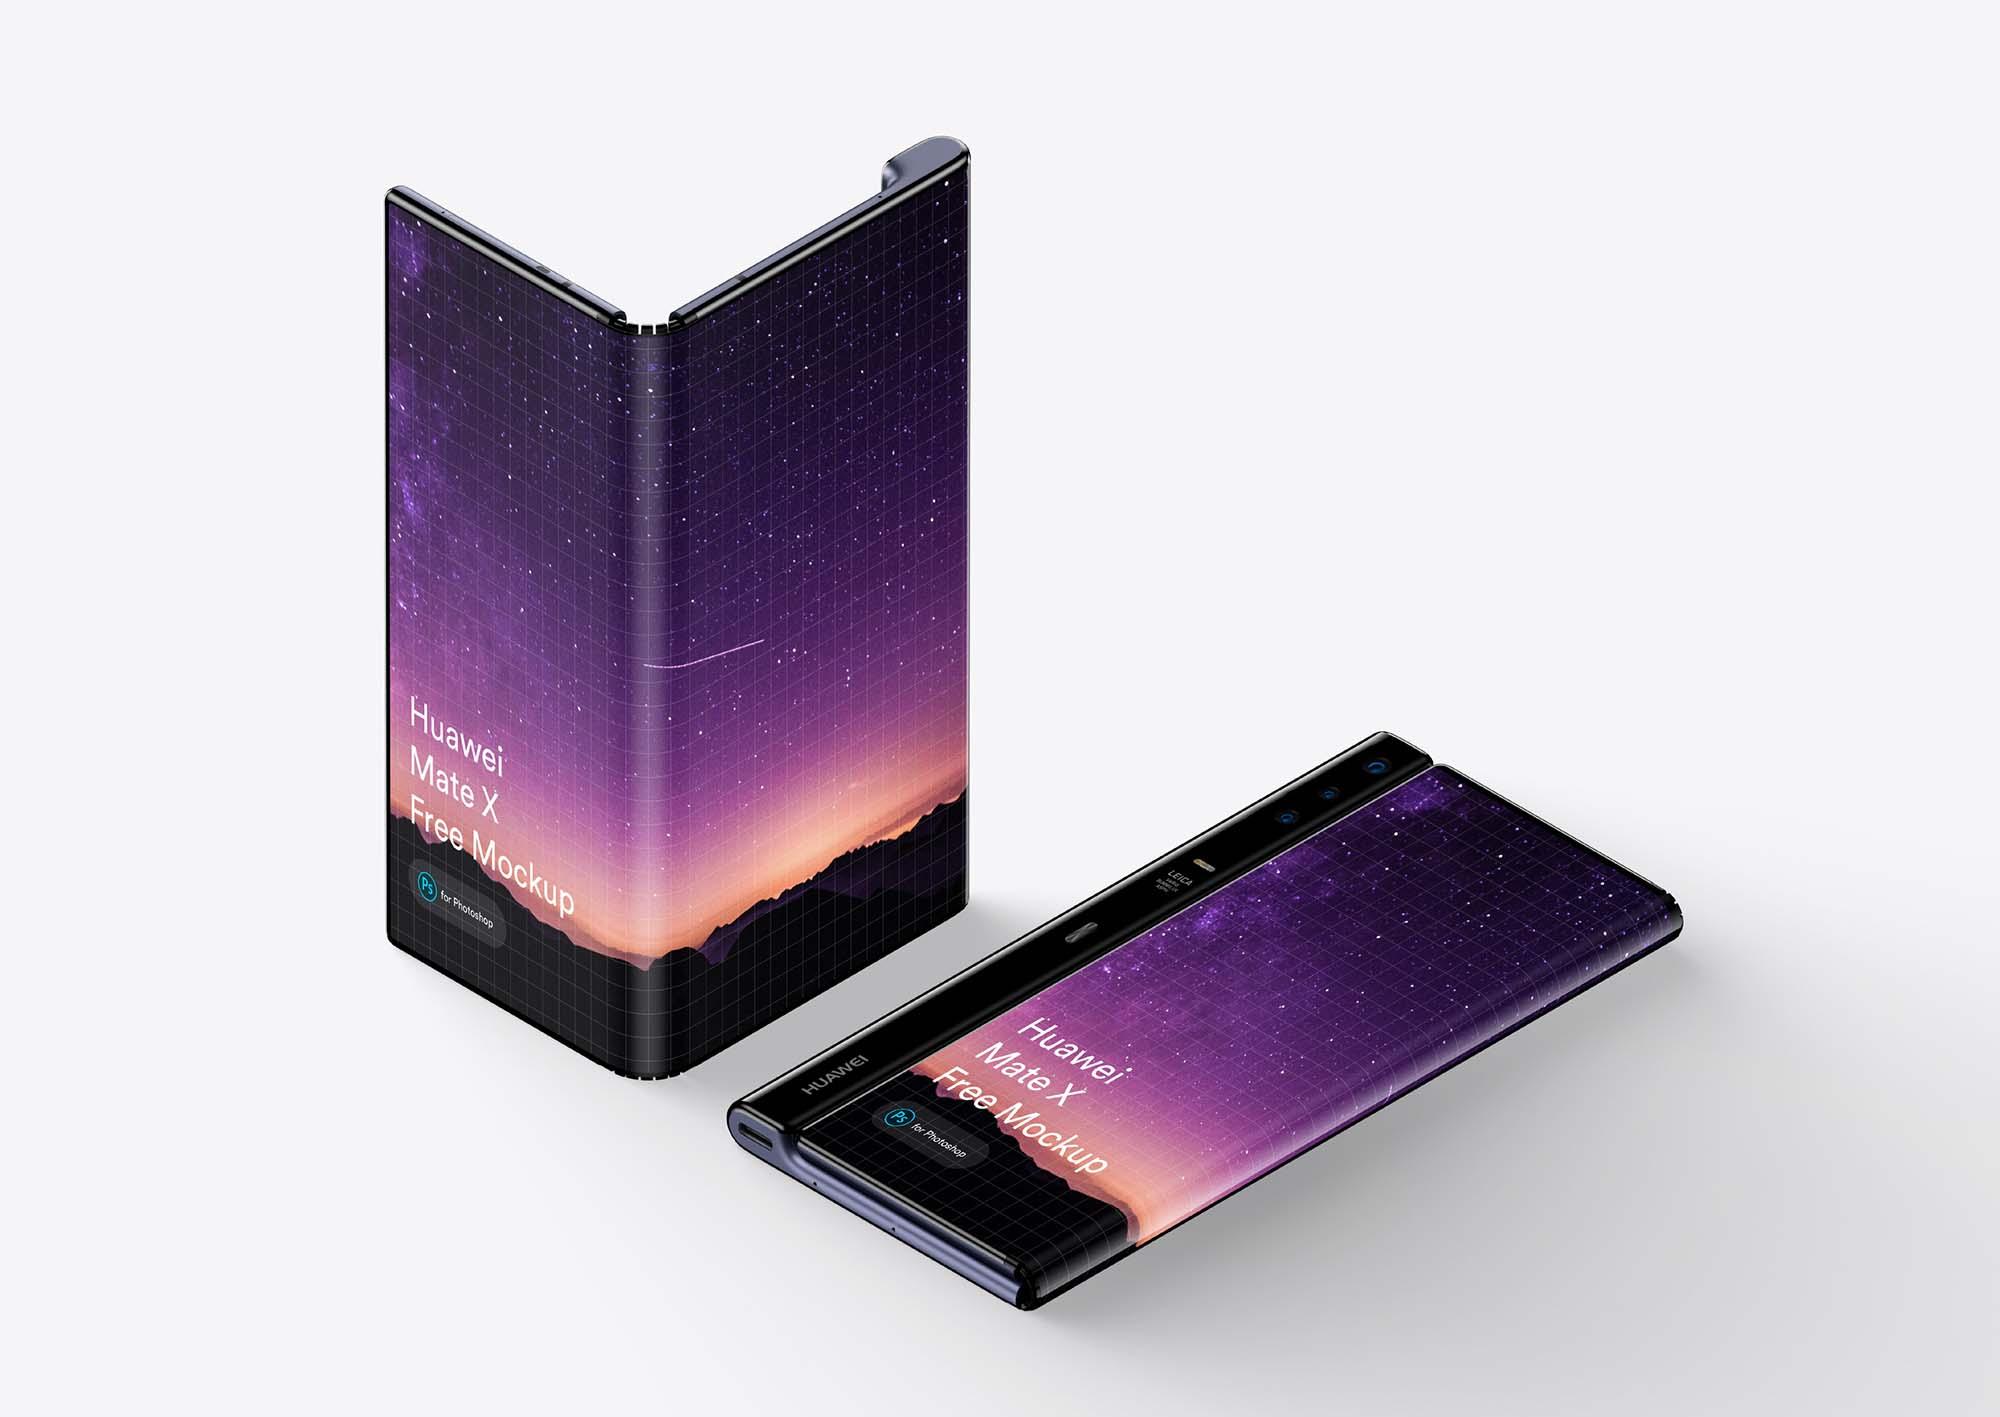 Huawei Mate X Phone Mockup 1